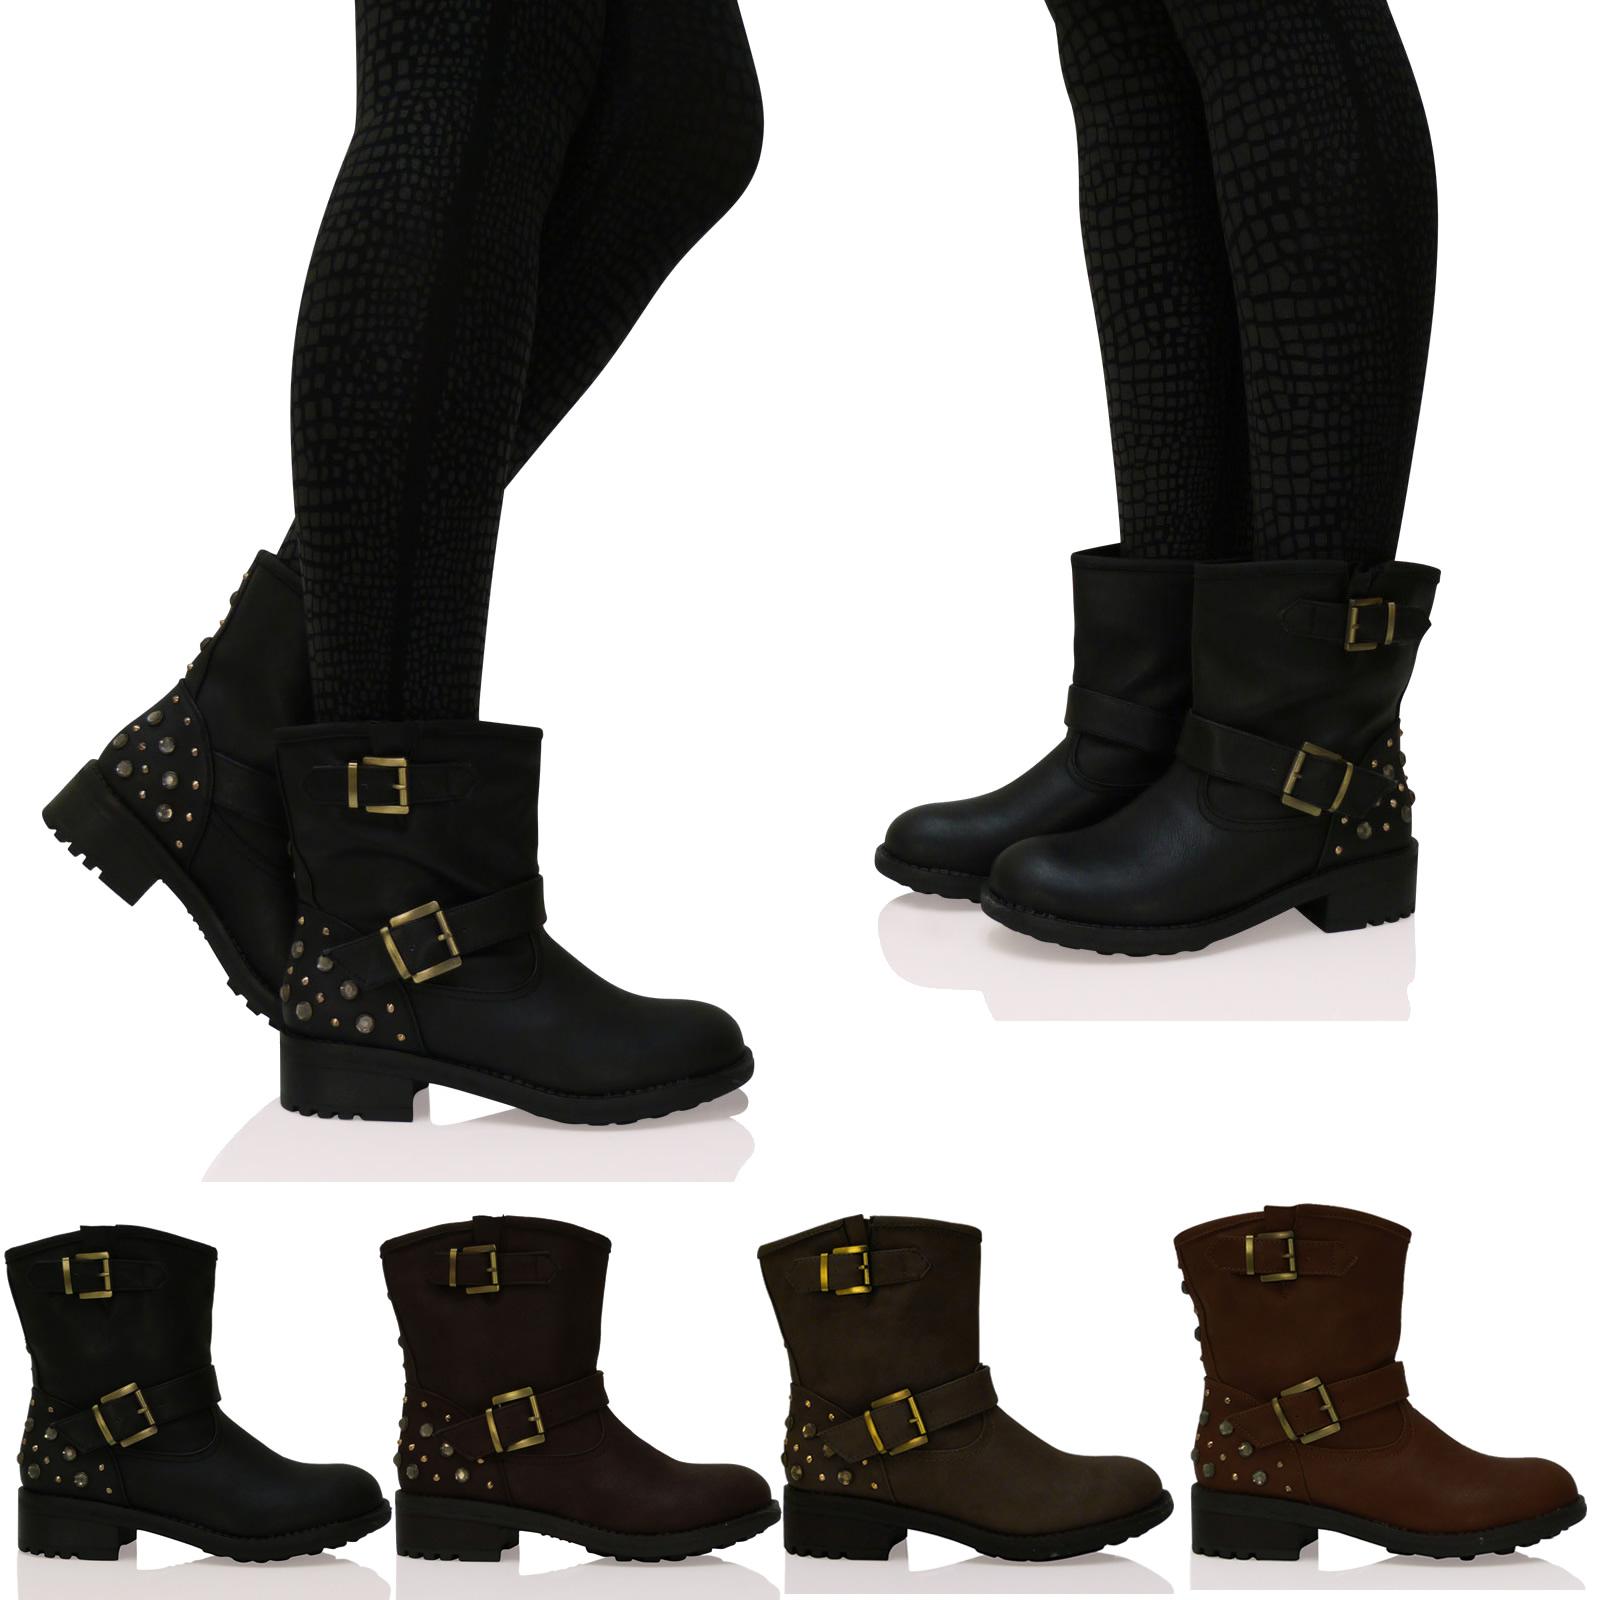 damen boots flach biker kn chelhoch nieten verziert. Black Bedroom Furniture Sets. Home Design Ideas